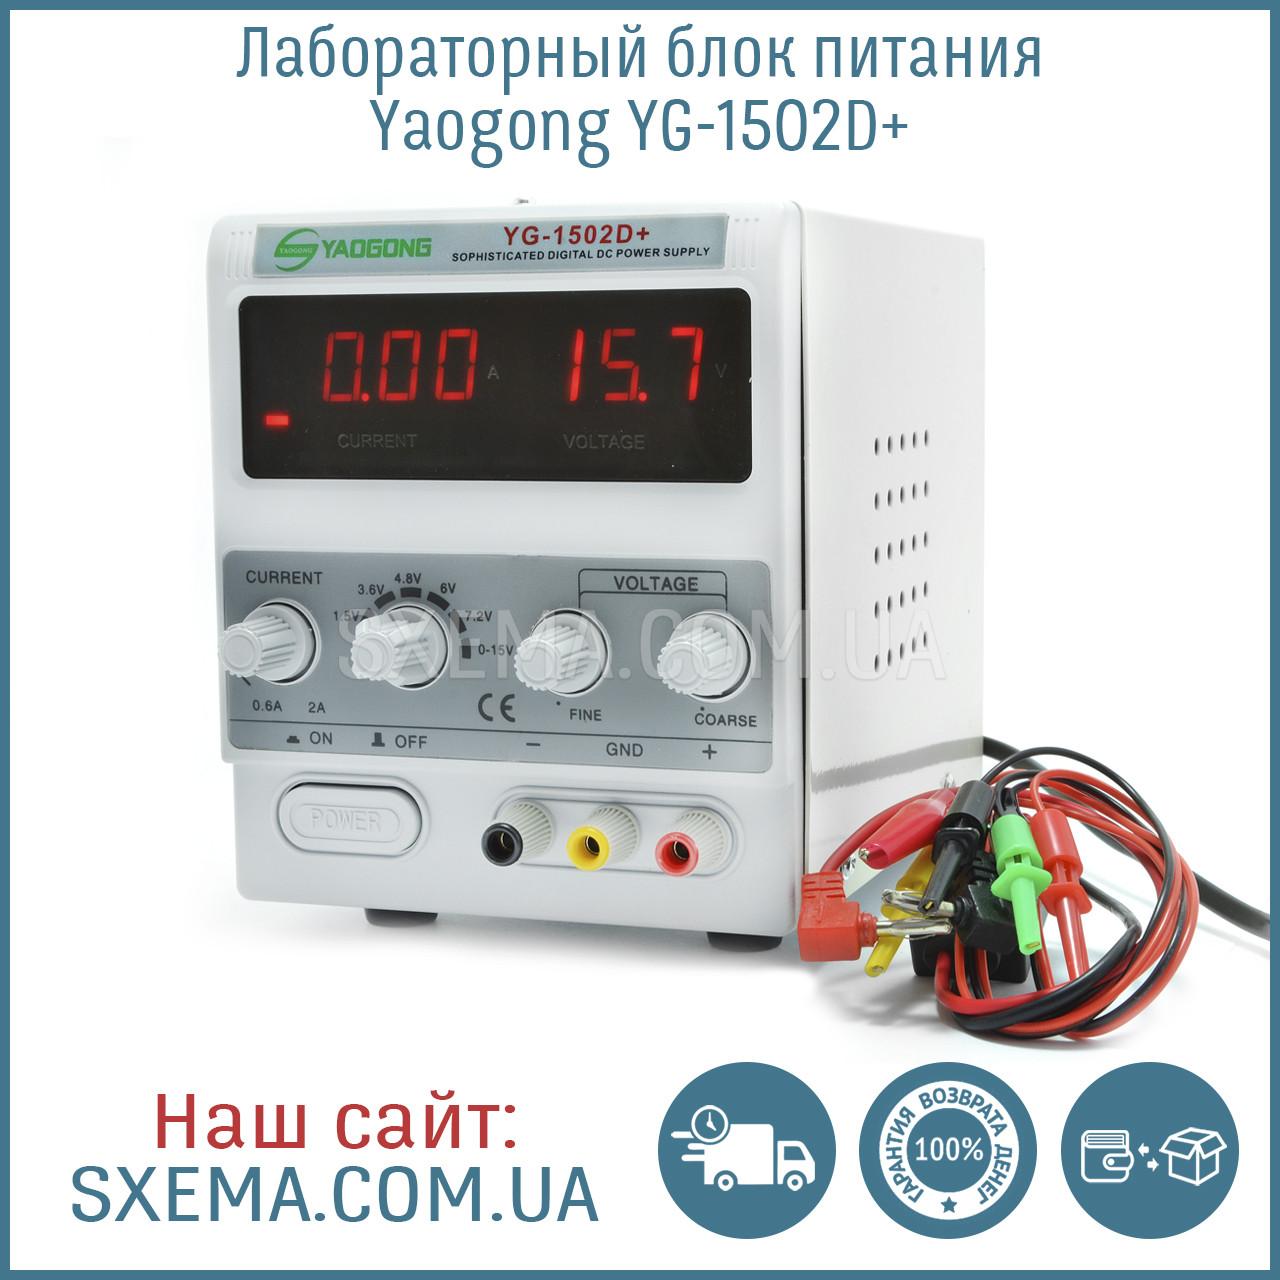 Лабораторный блок питания Yaogong YG-1502D+, 15V, 2A, RF индикатор, автовосстановление после КЗ